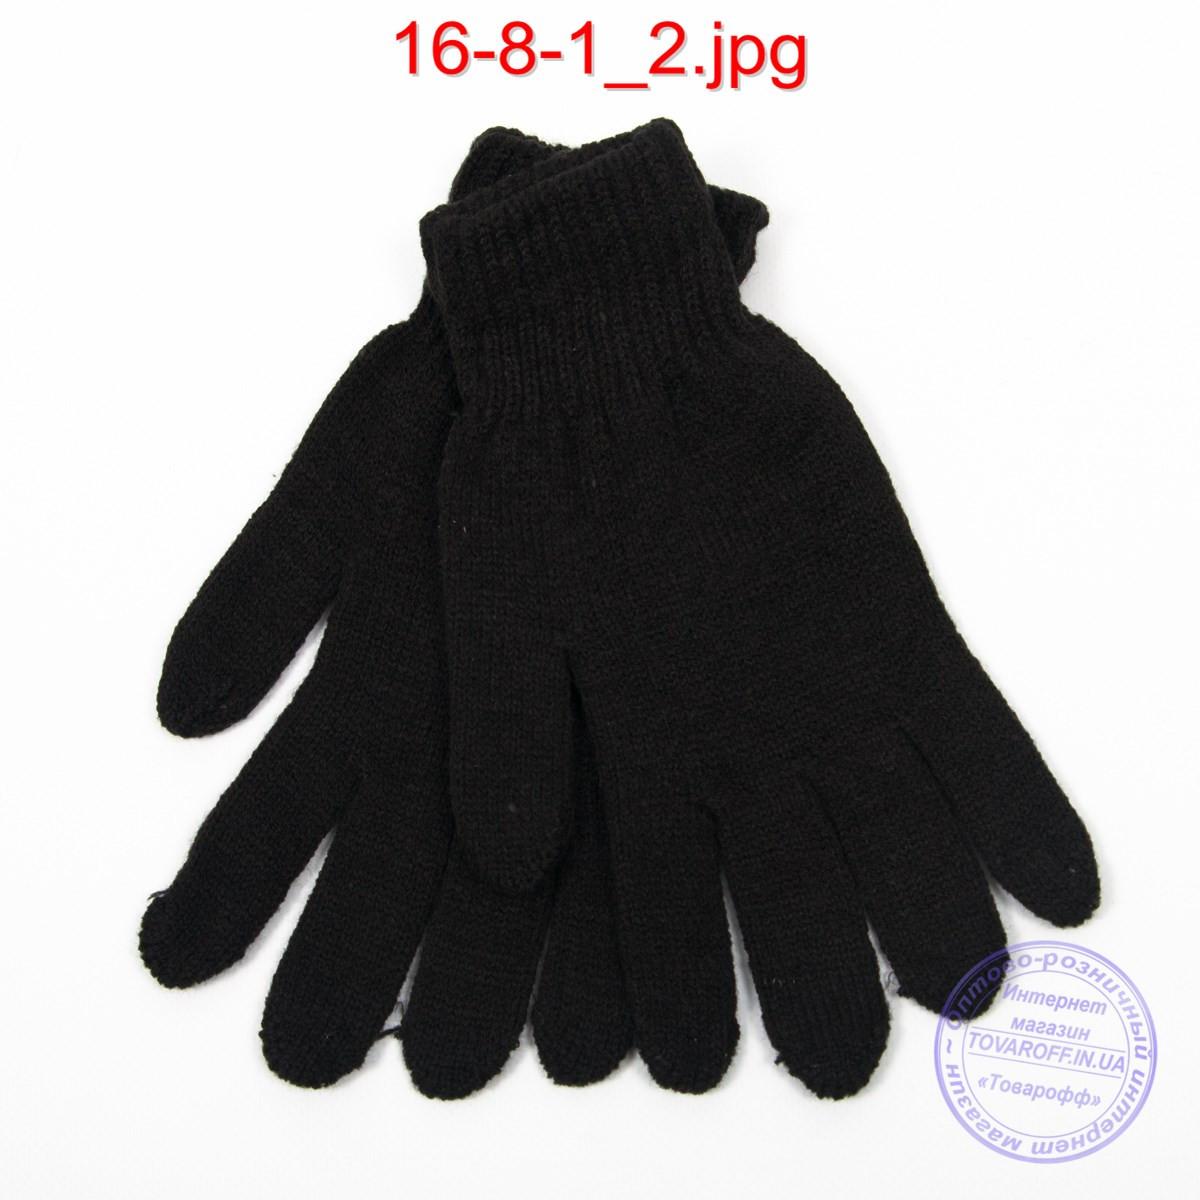 Оптом мужские перчатки - №16-8-1